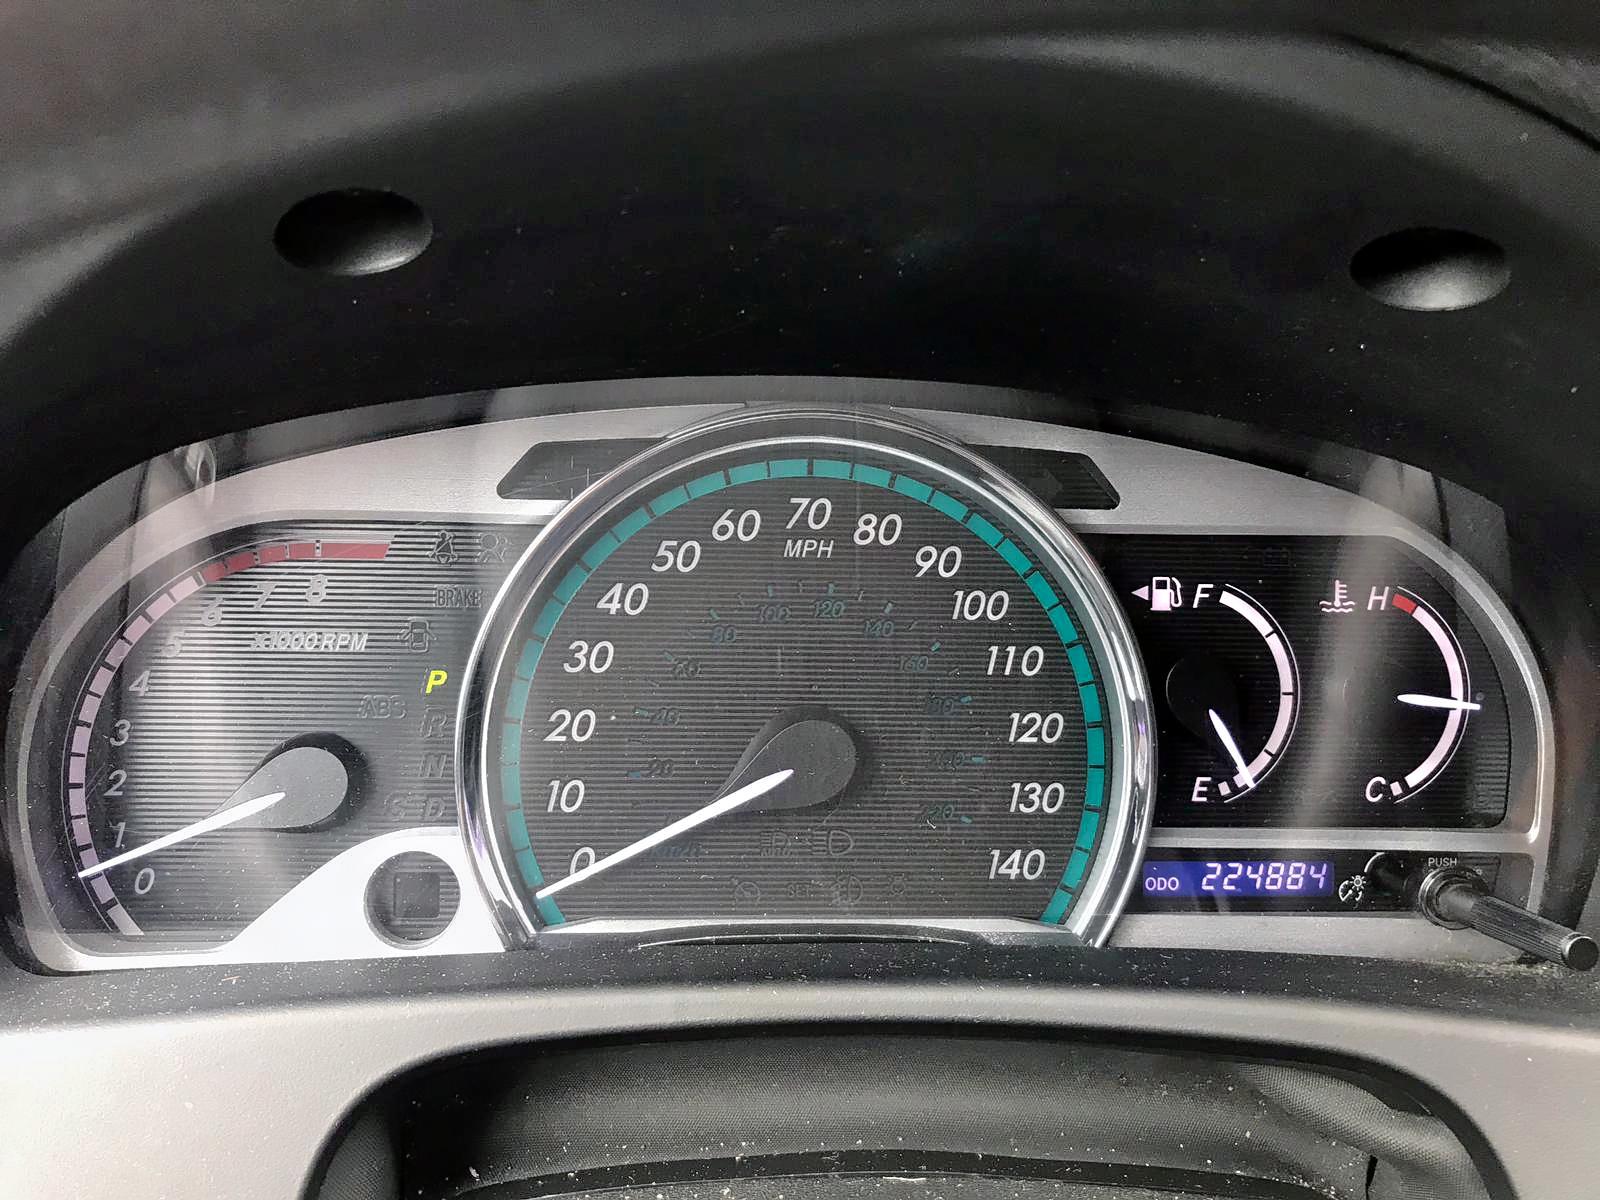 2013 Toyota Venza Le 2.7L front view